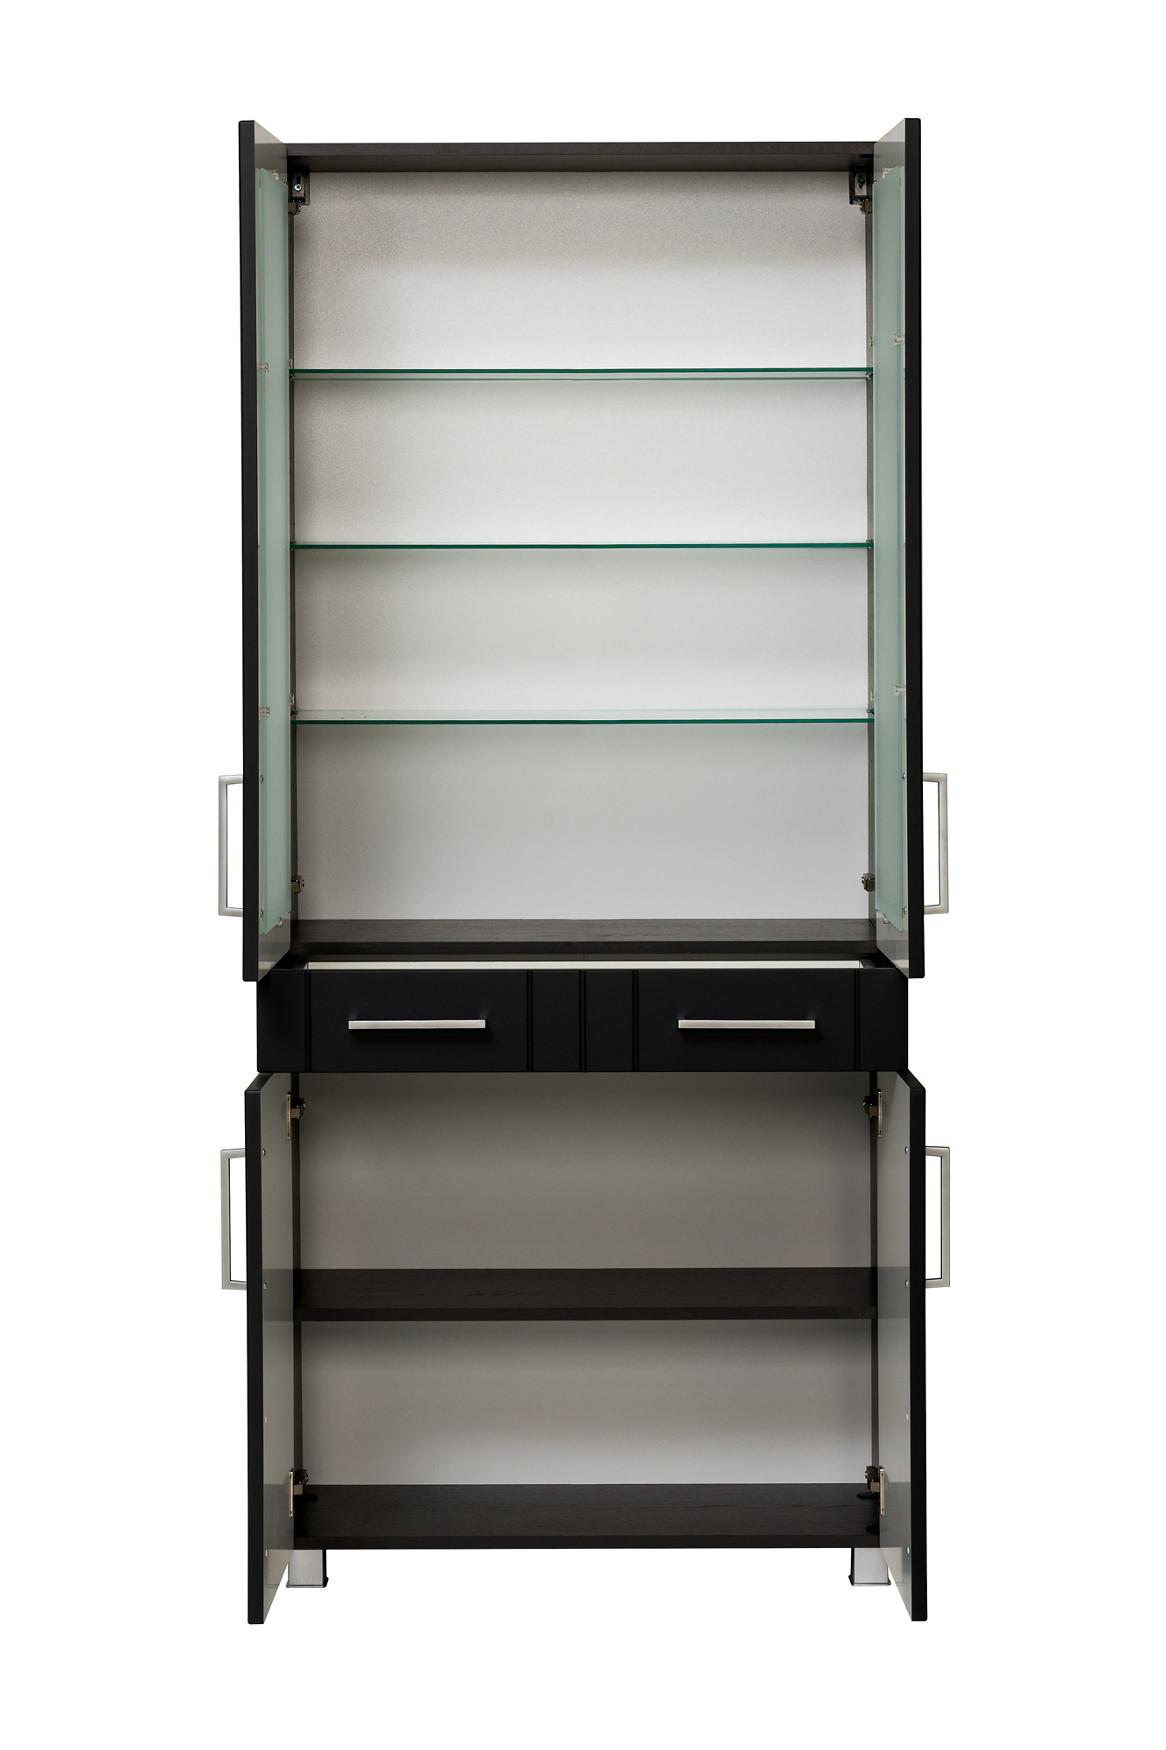 bad hochschrank barolo 4 t rig 80 cm breit grau matt mit glaseinsatz bad bad hochschr nke. Black Bedroom Furniture Sets. Home Design Ideas